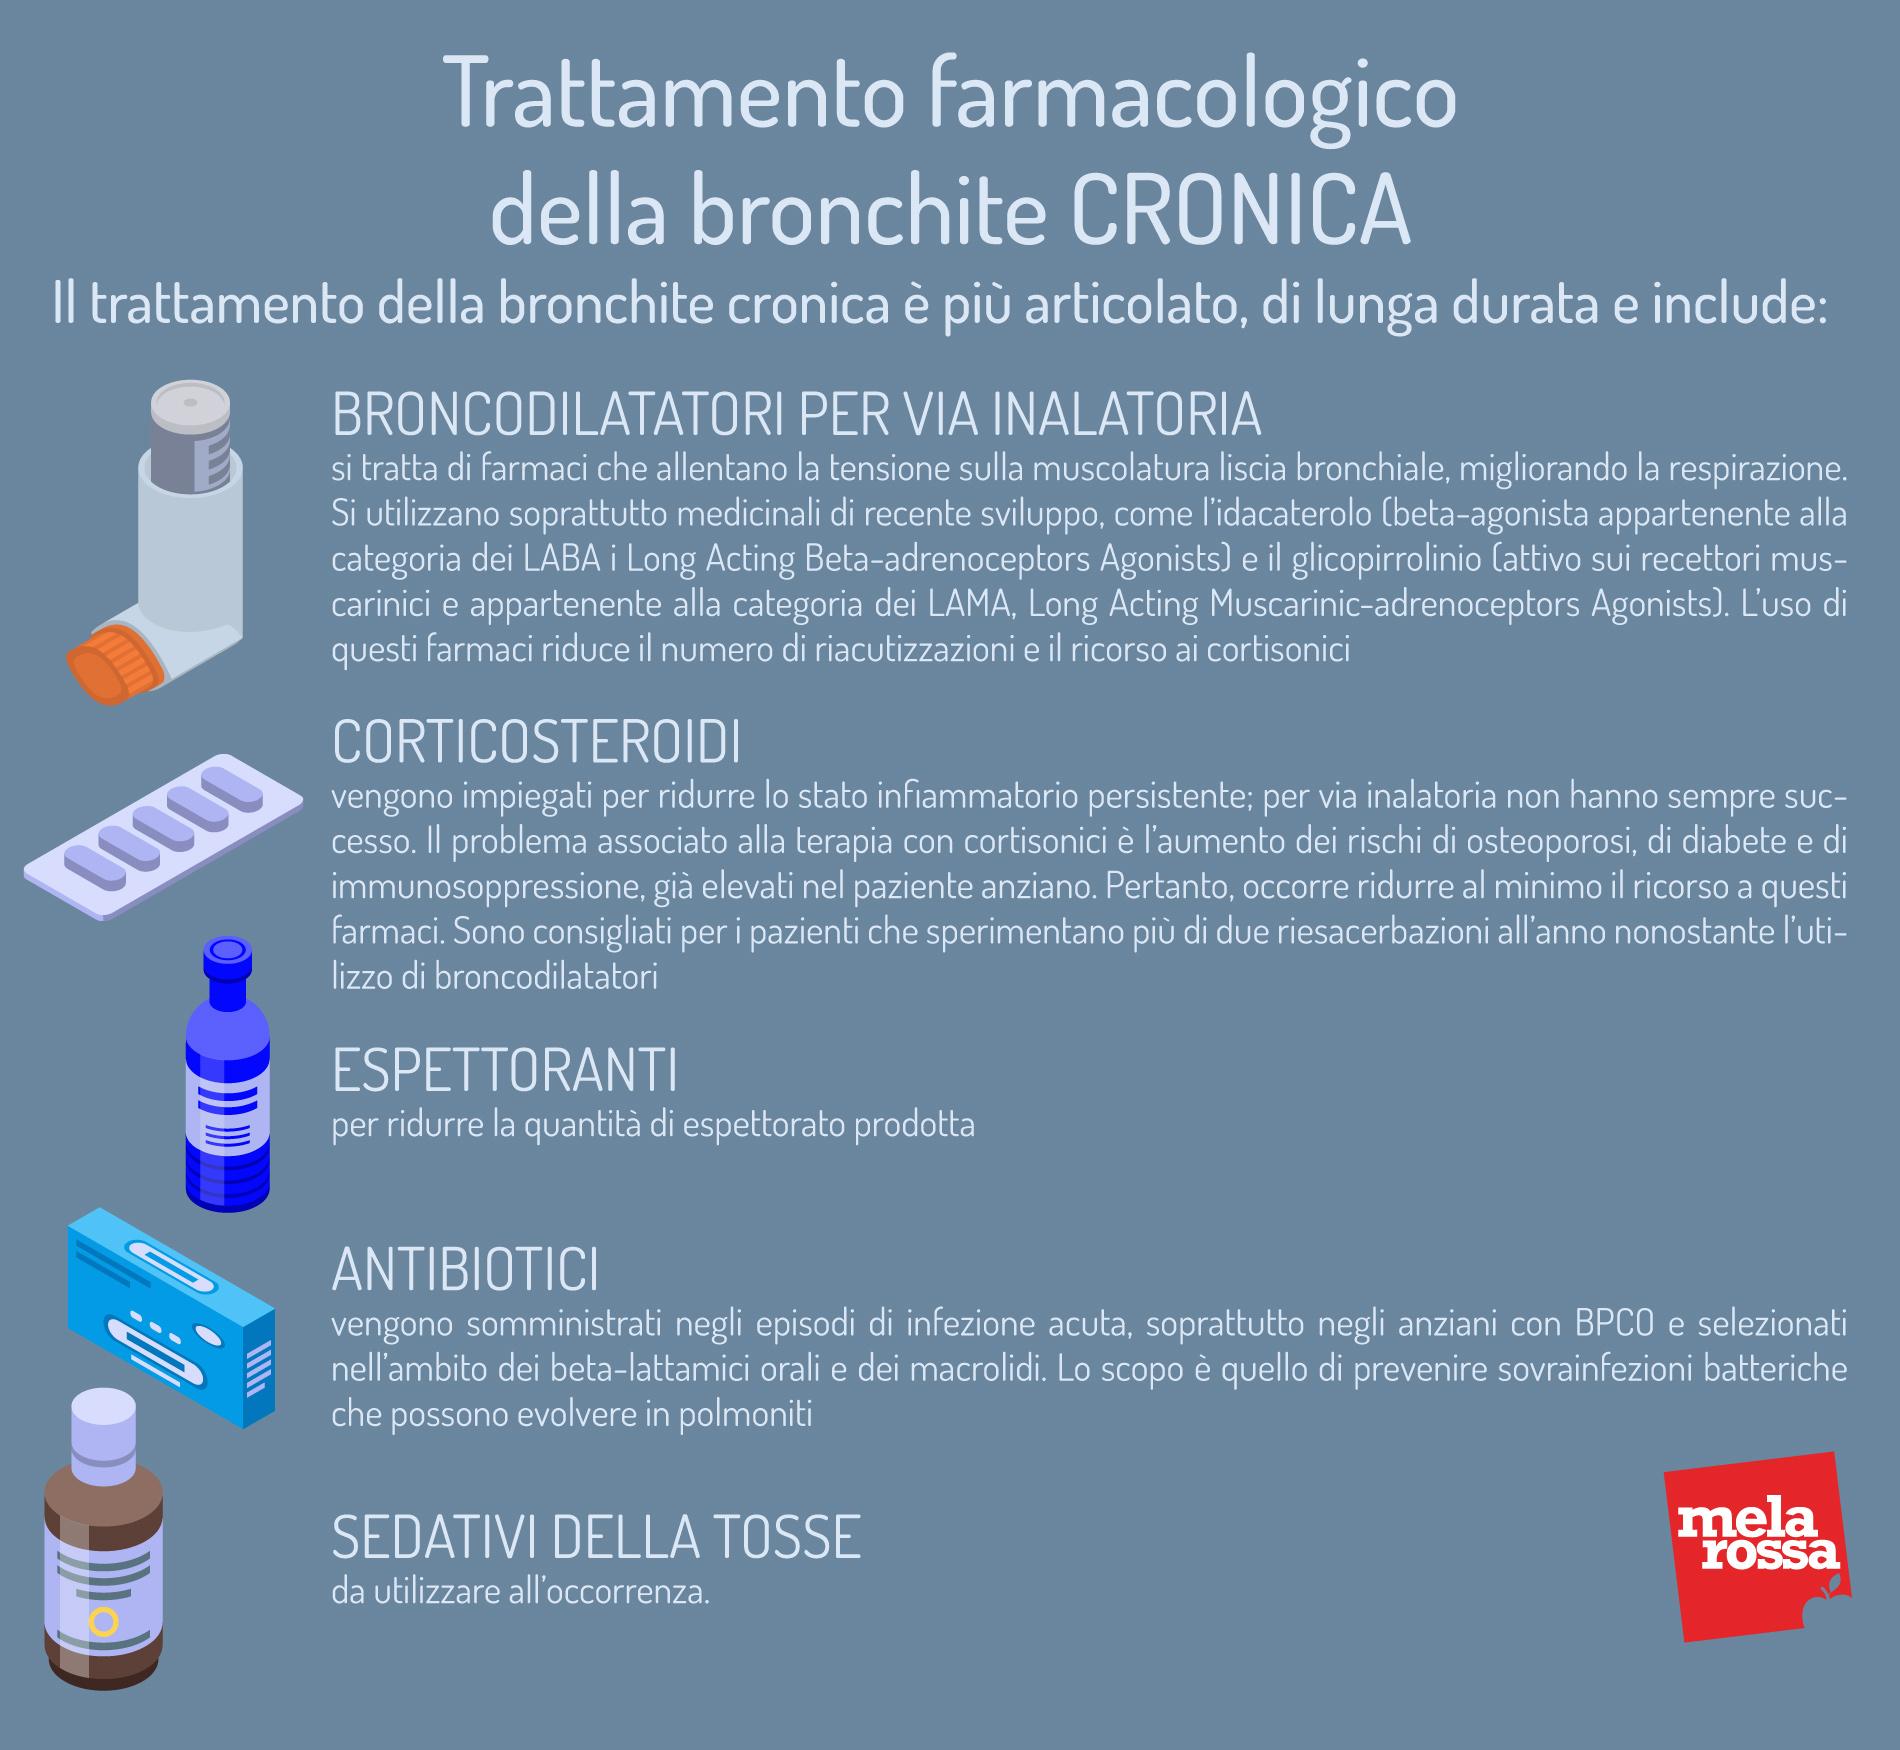 Bronchite cronica: trattamento farmacologico